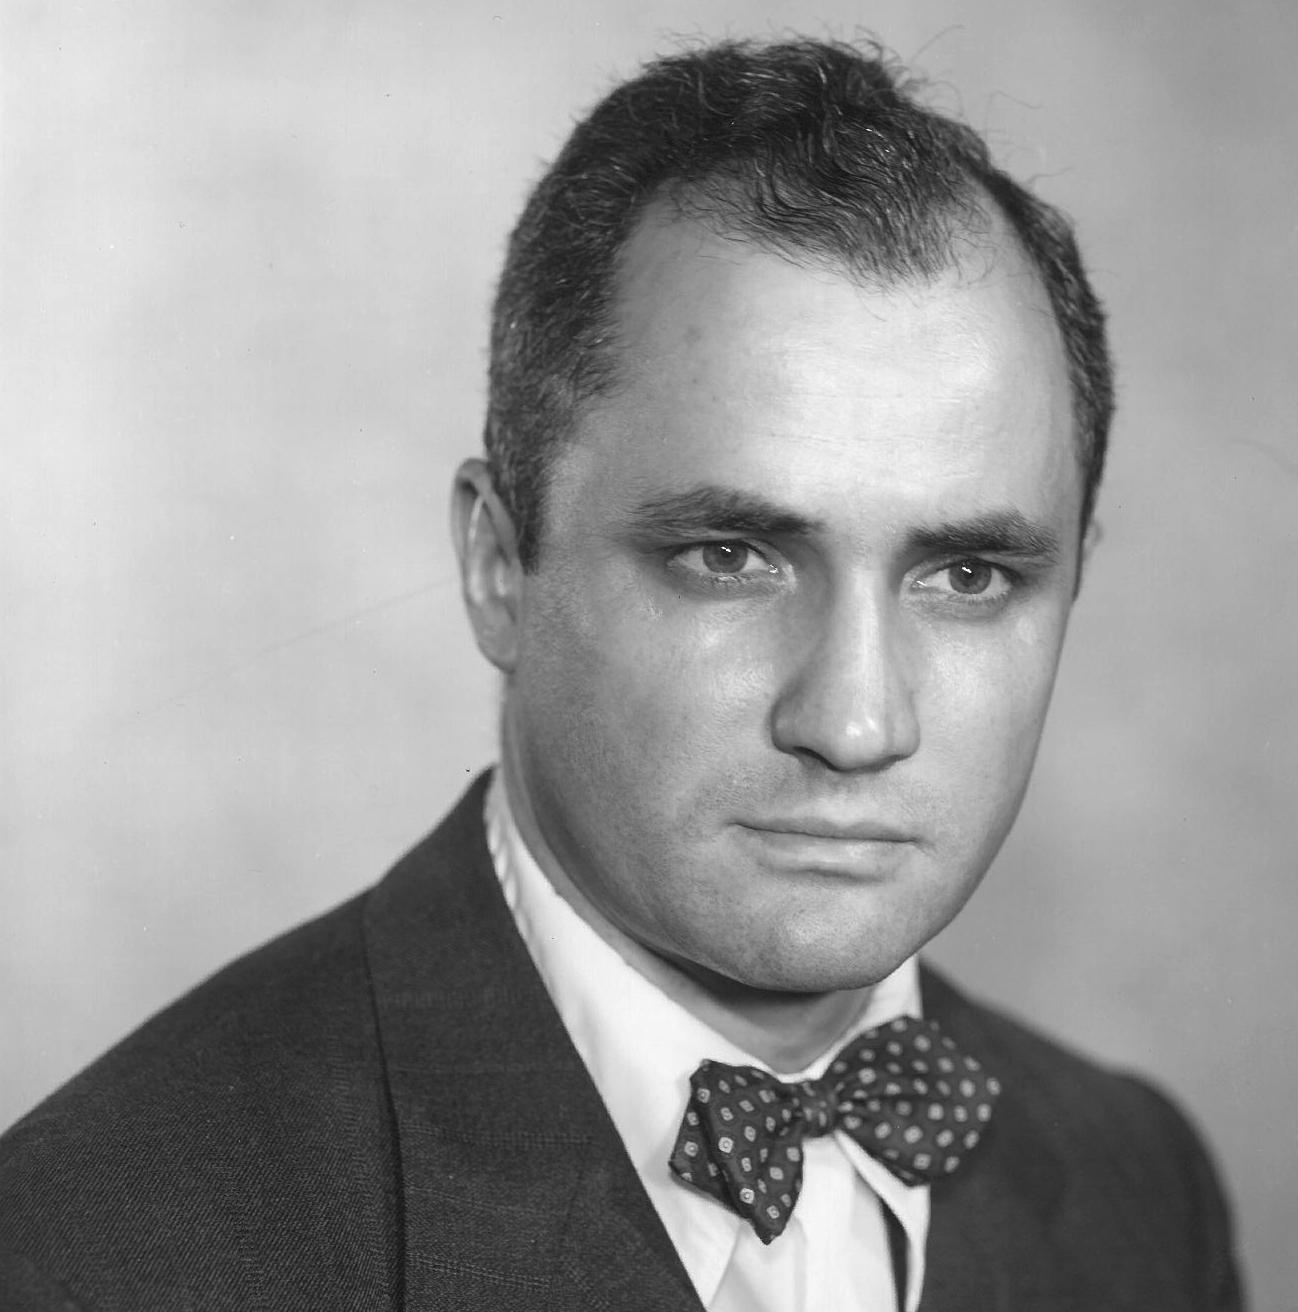 Sherman E. Lee, 1952